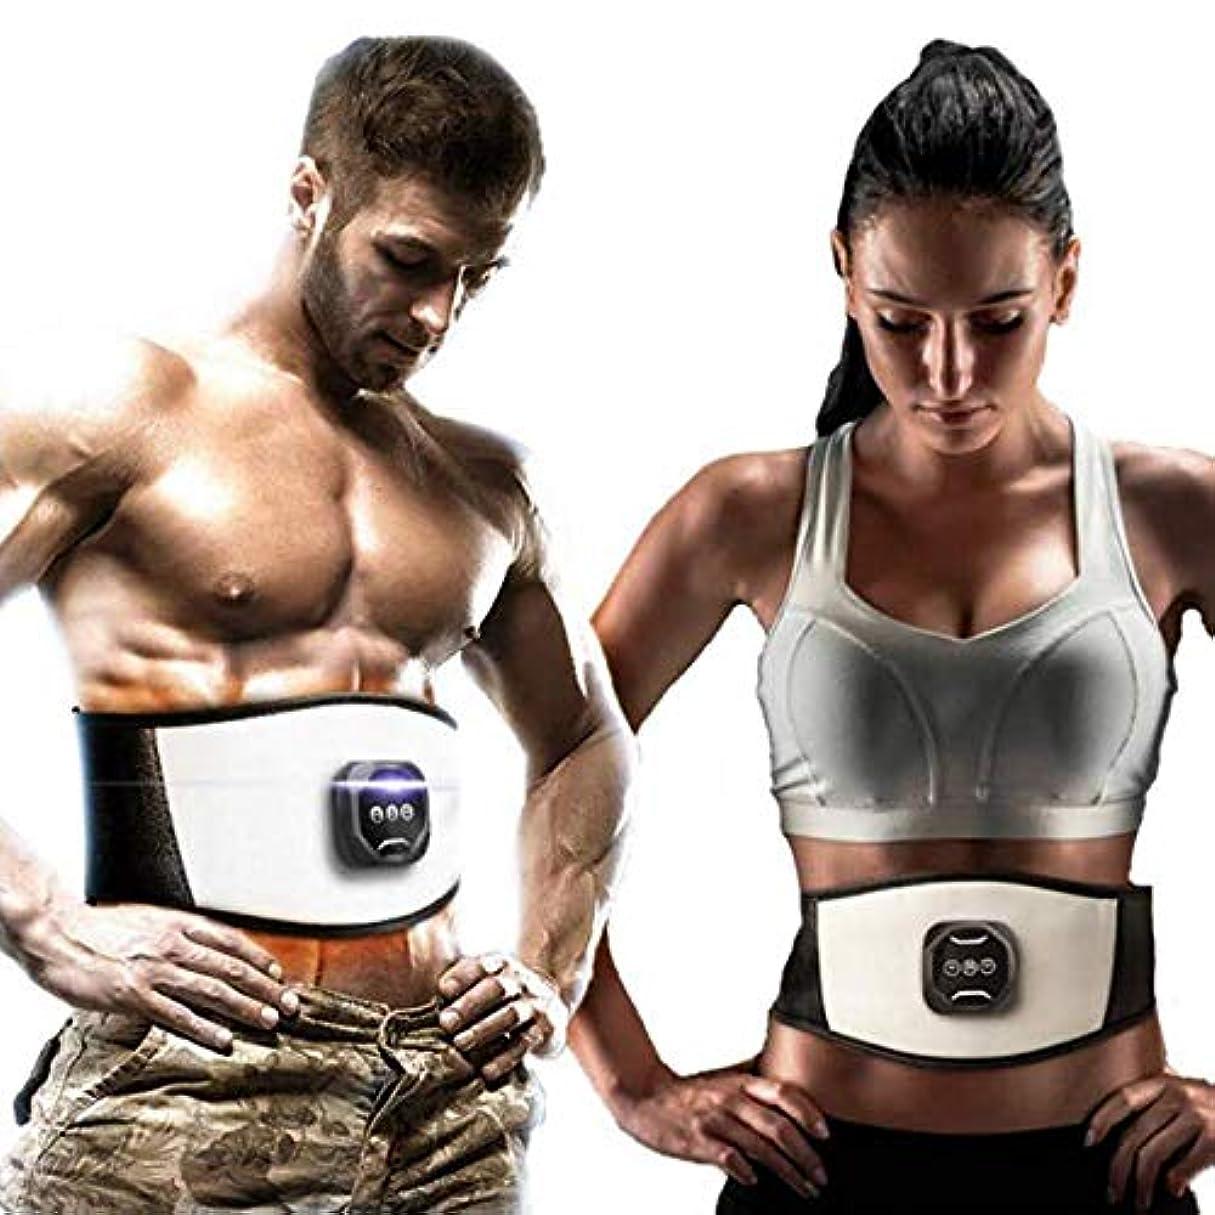 アデレードブレース依存腹部スリミング調整PUベルト電子筋刺激トーニングウエストトレーナー損失重量脂肪ボディマッサージ